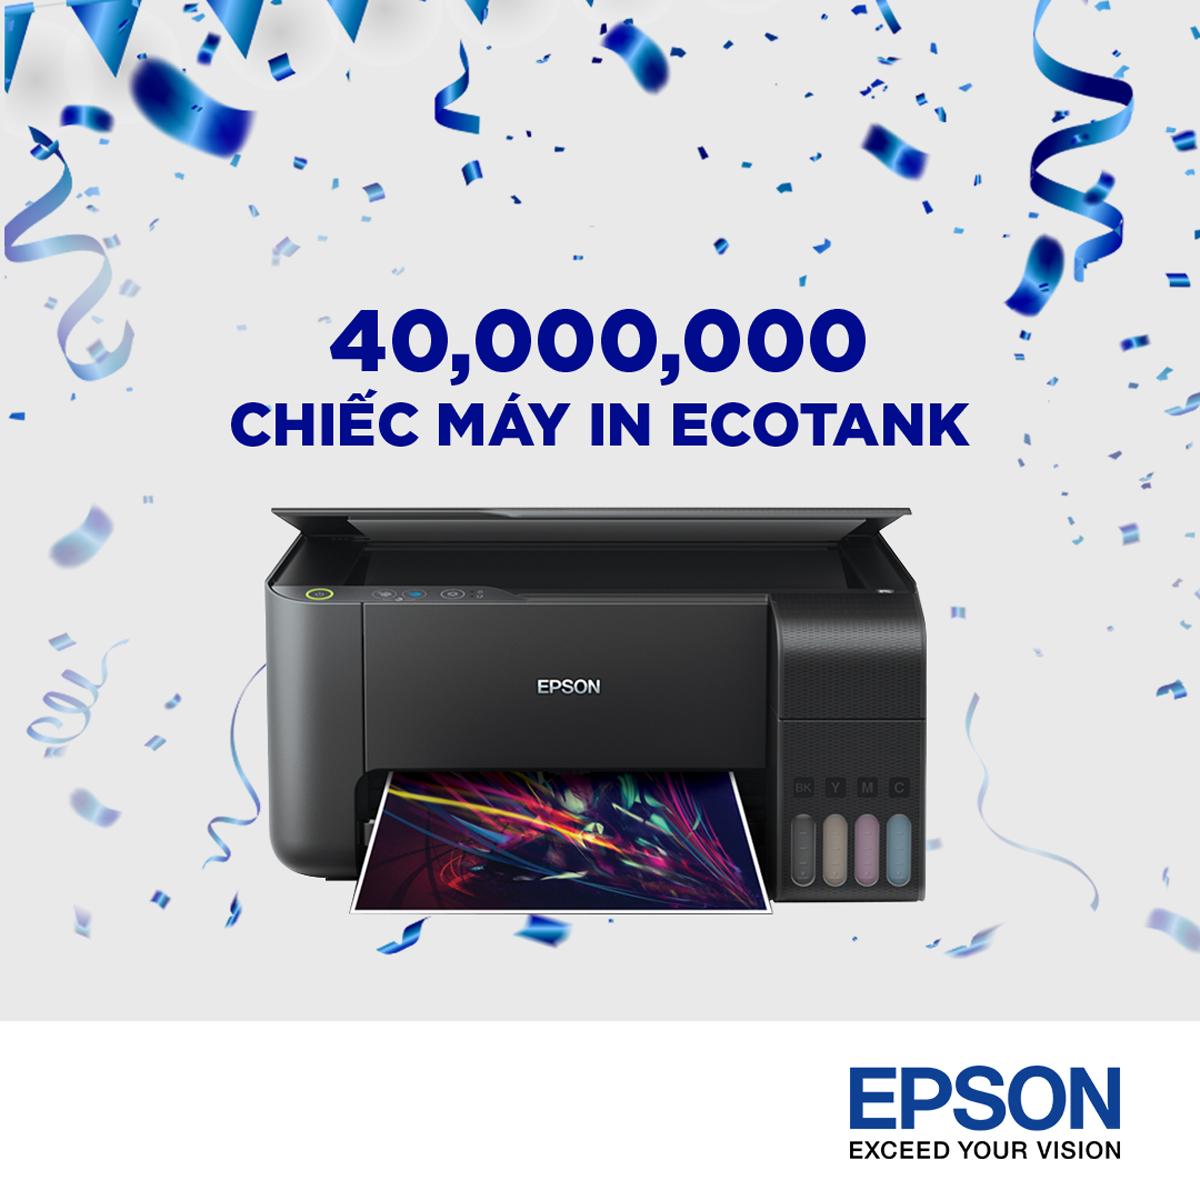 Epson tuyên bố bán được 40 triệu chiếc máy in phun trên toàn cầu, dự kiến bán tiếp hơn 10 triệu chiếc chỉ trong năm 2019